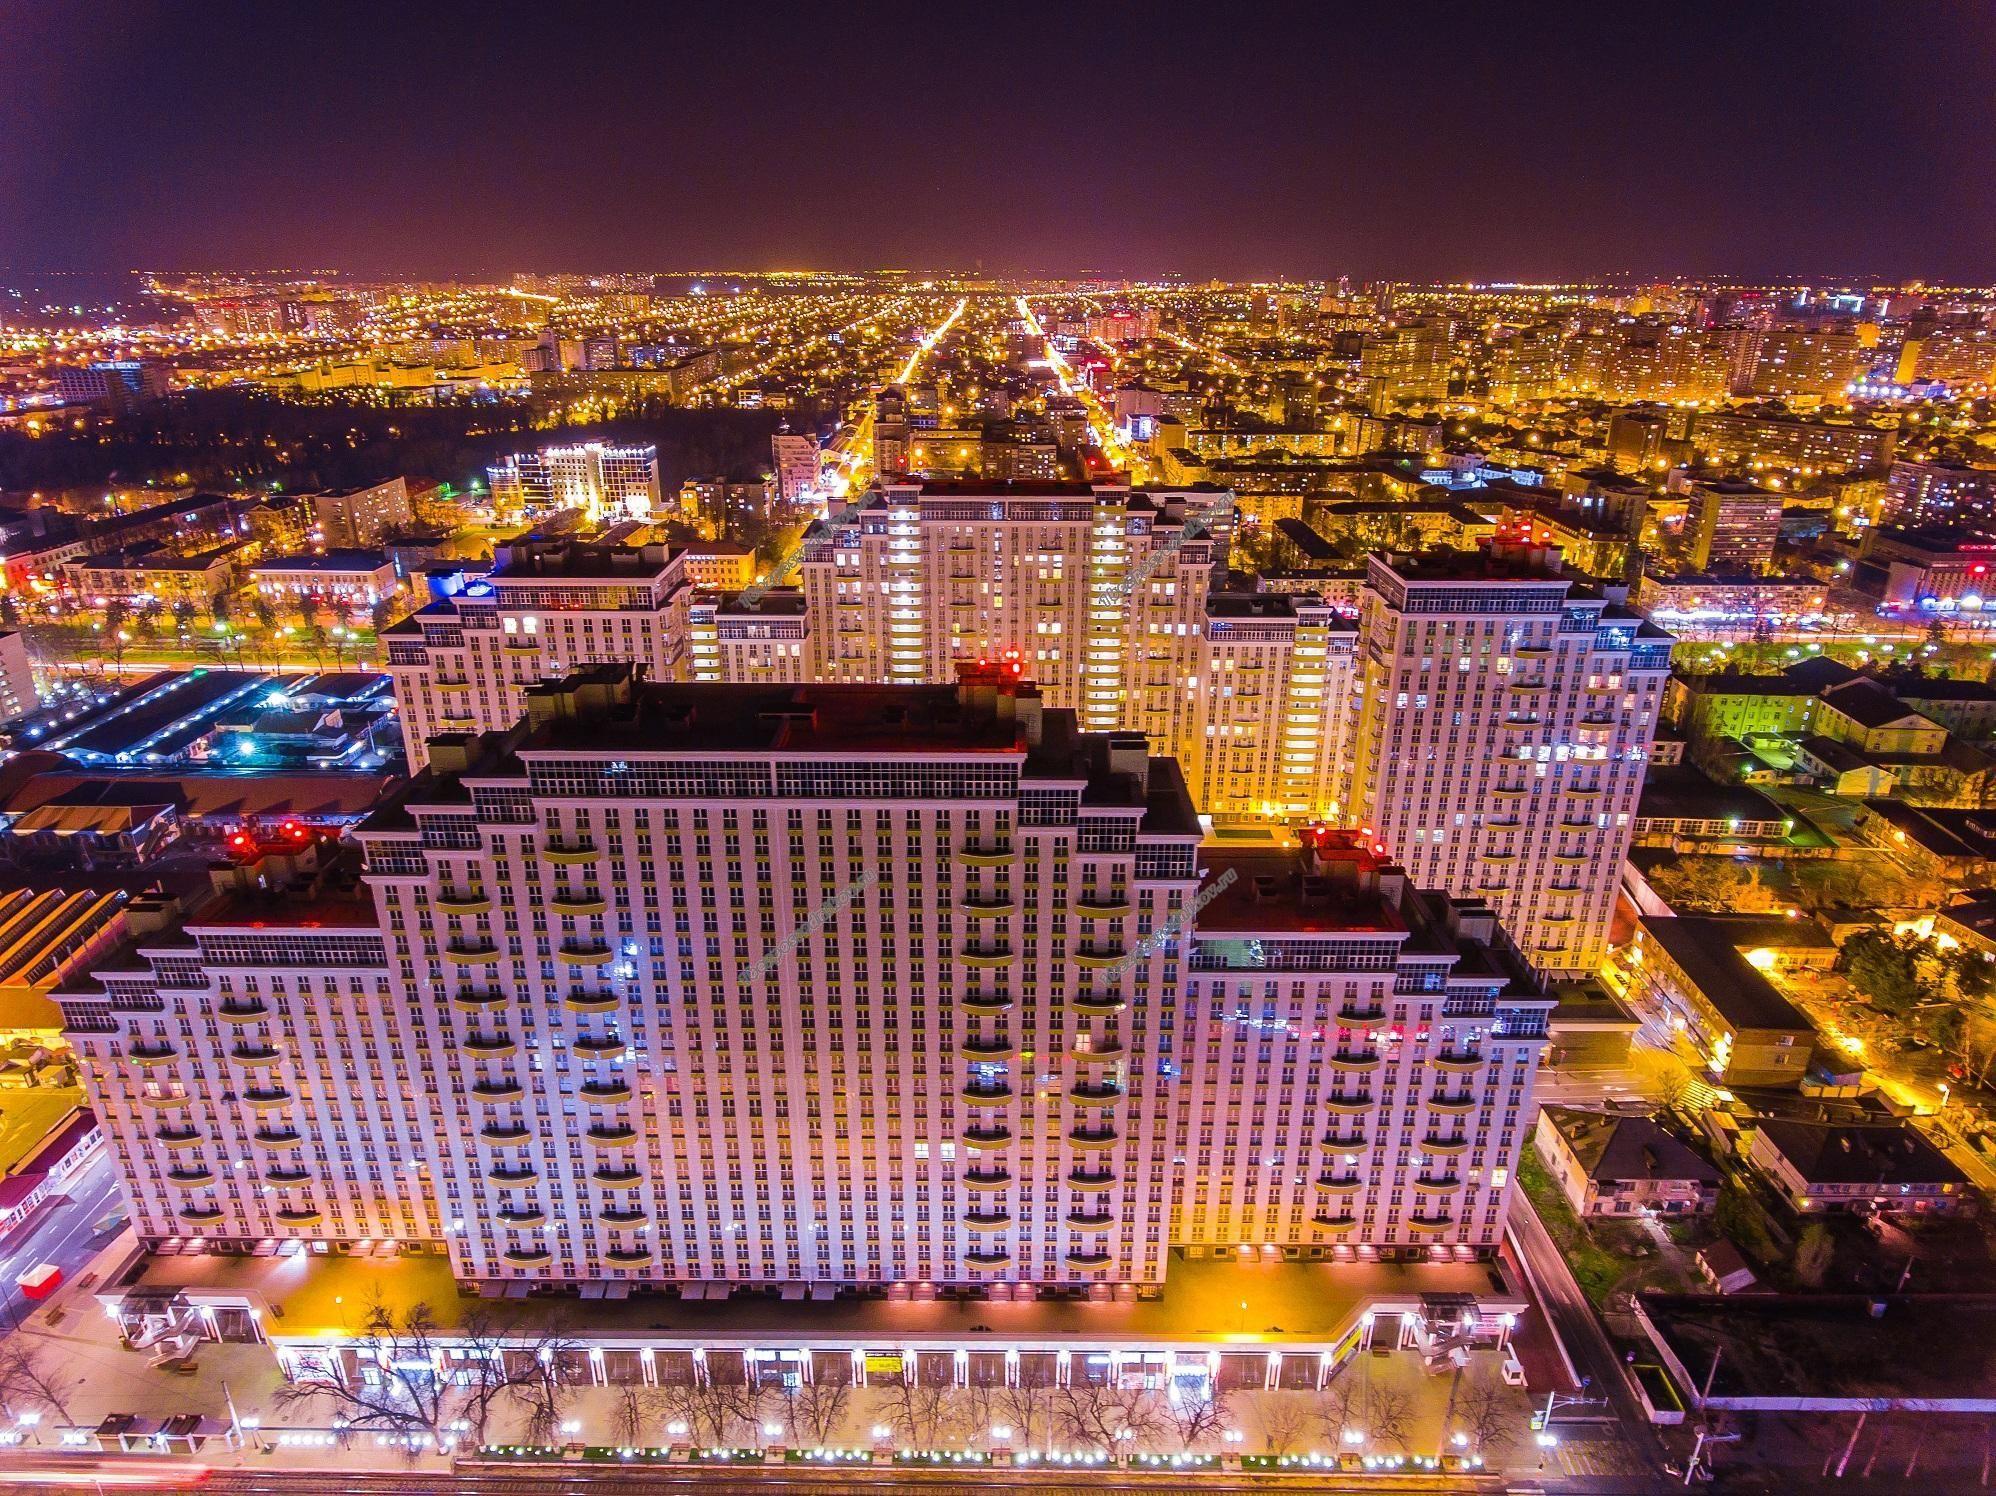 краснодар центр города картинки извещатель пламени автоматический